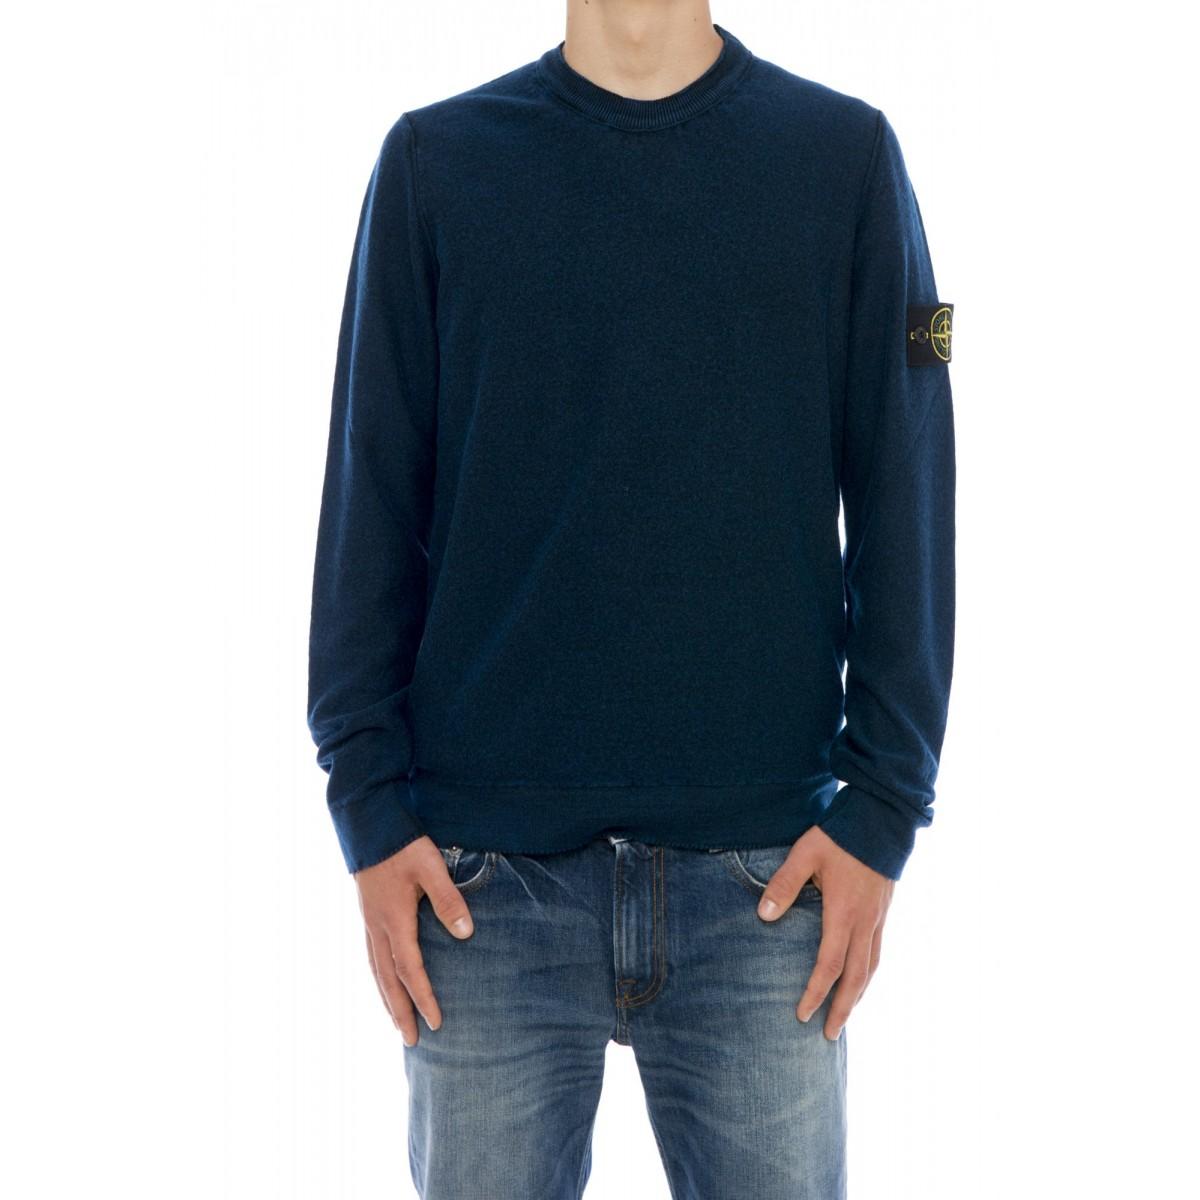 Maglia uomo Stone island - 561d4 maglia lana trattamento shot